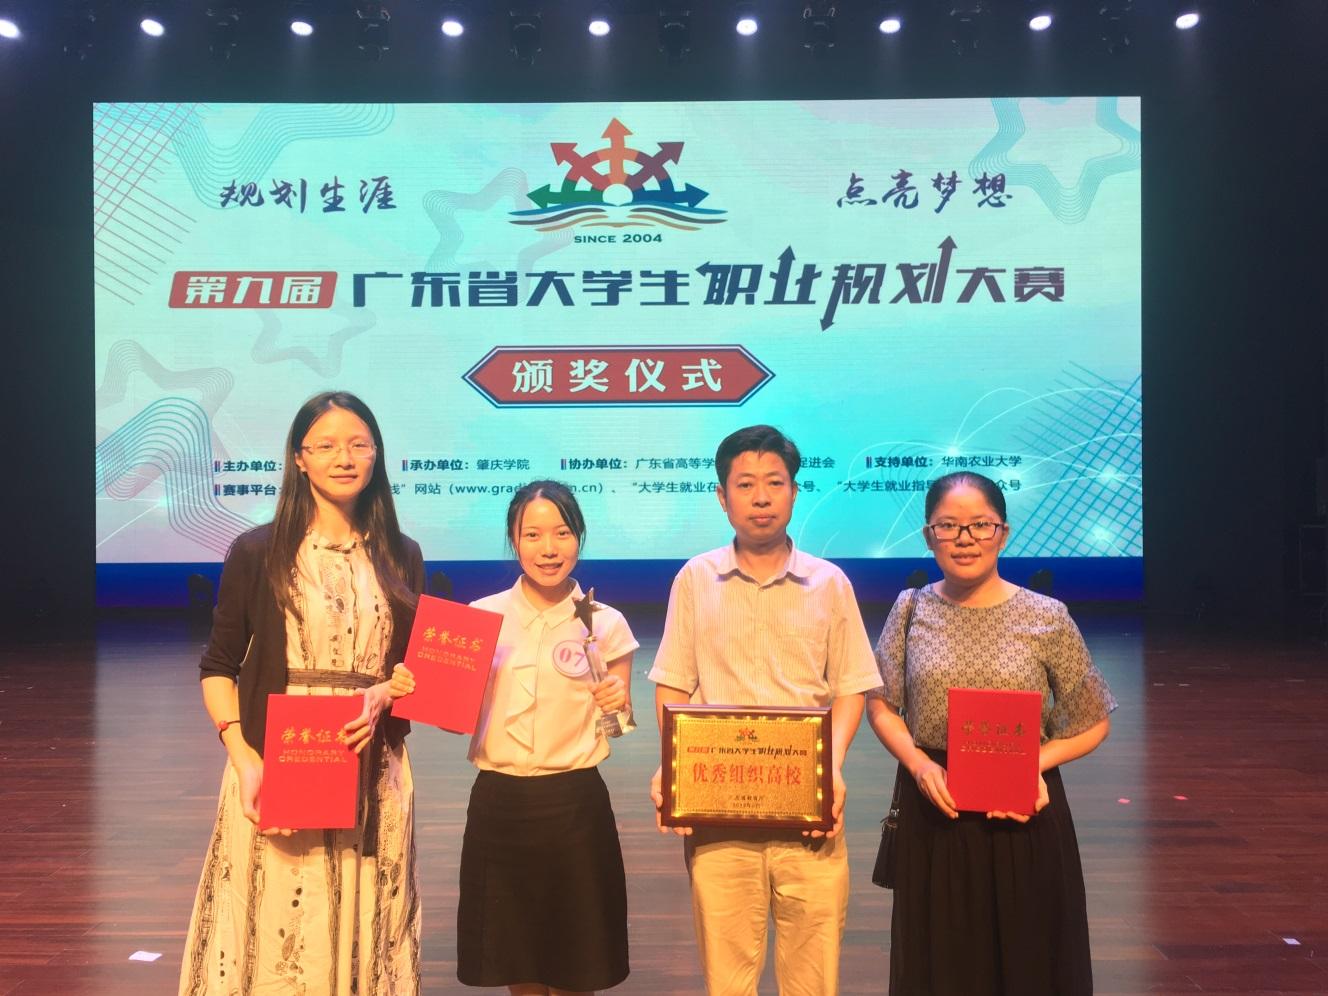 清职院学生邓晓晴荣获省十佳职业规划之星